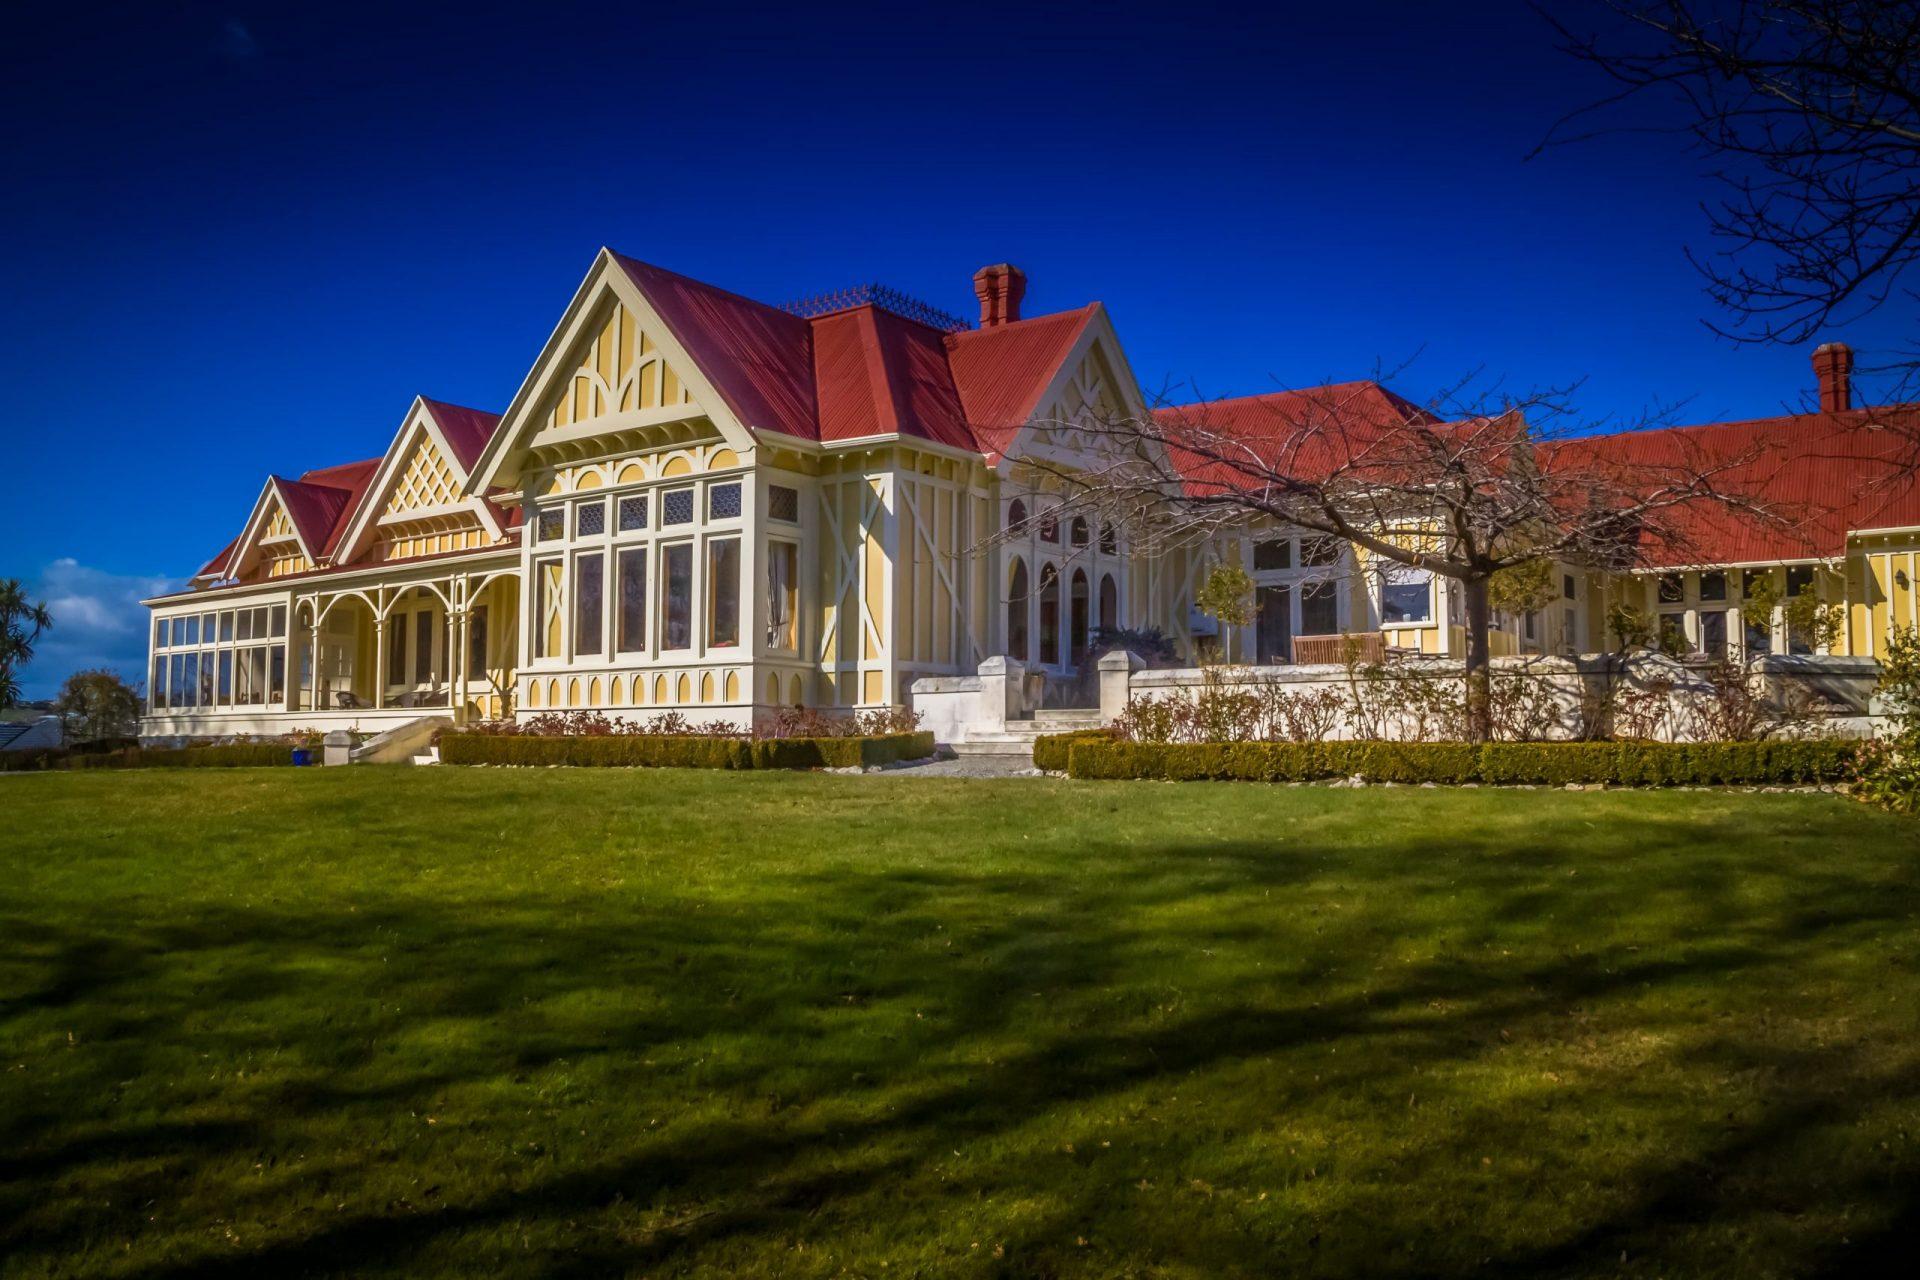 Pen-y-bryn Lodge Autumn (Comp)